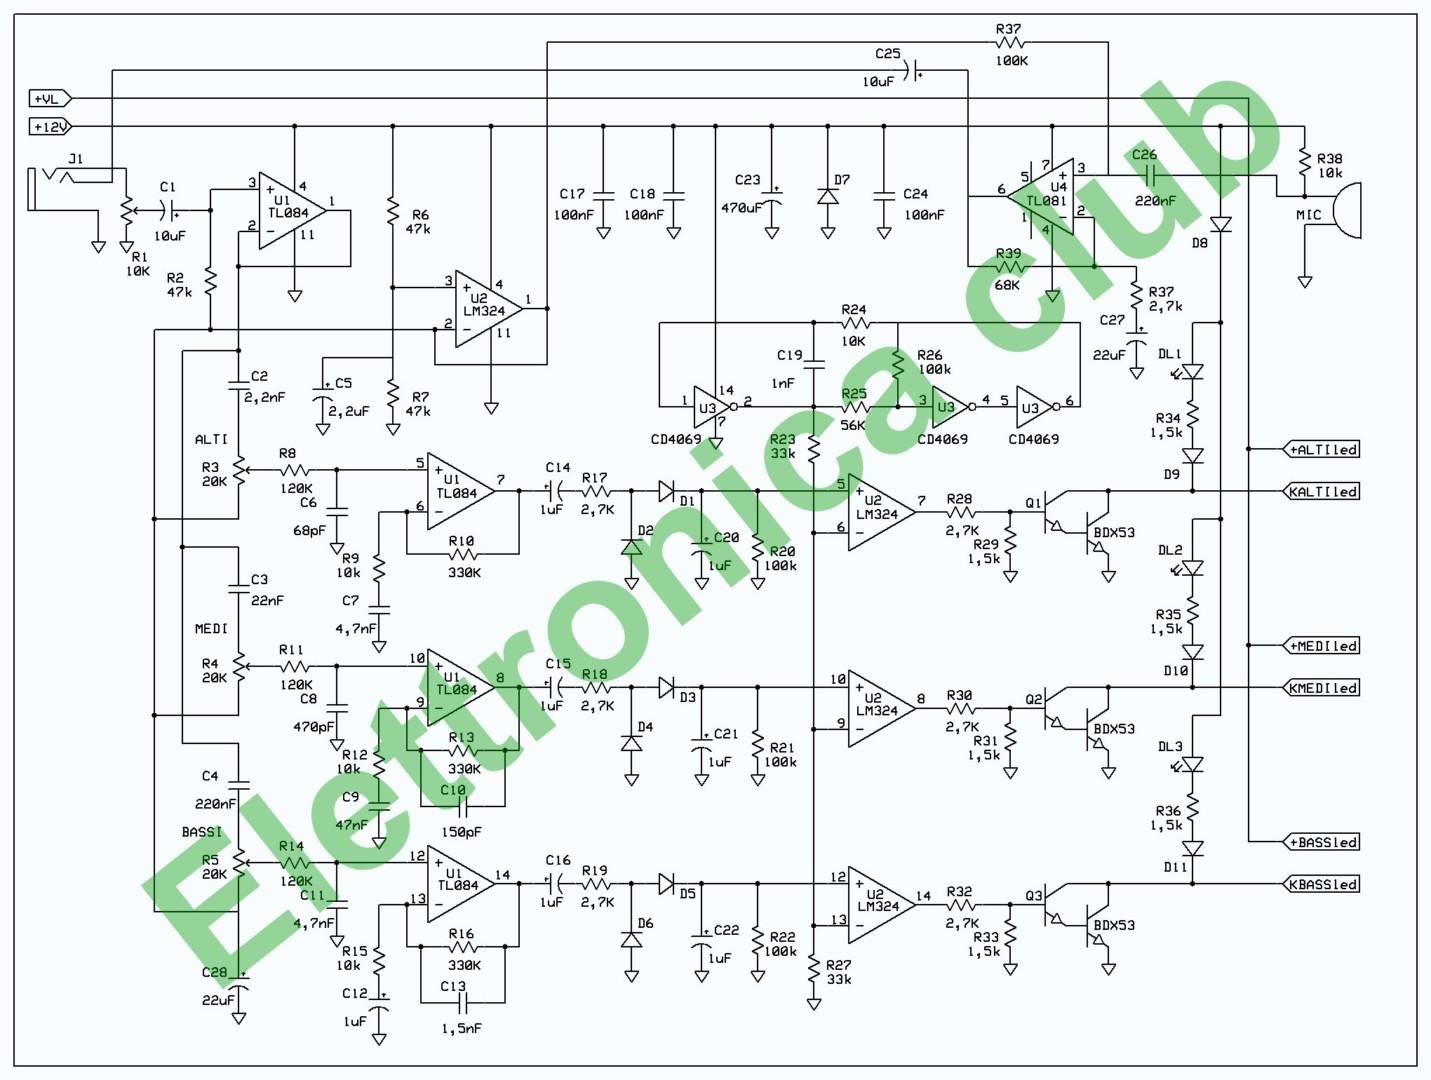 Schemi Elettrici Per Led : Modifica impianto elettrico posizione e frecce a led e sotto